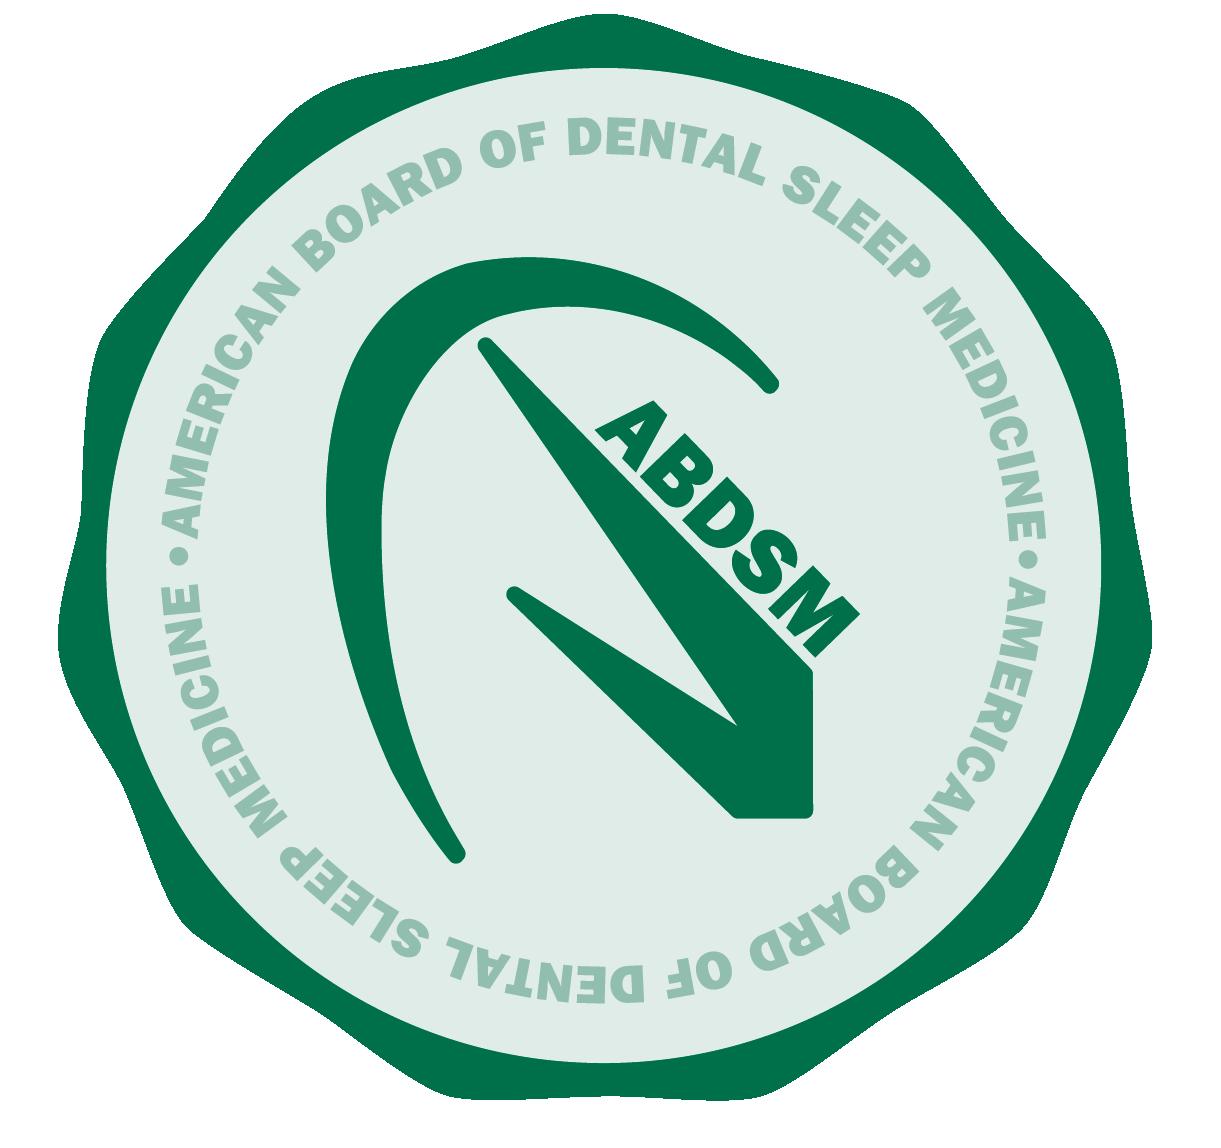 abdsm-logo